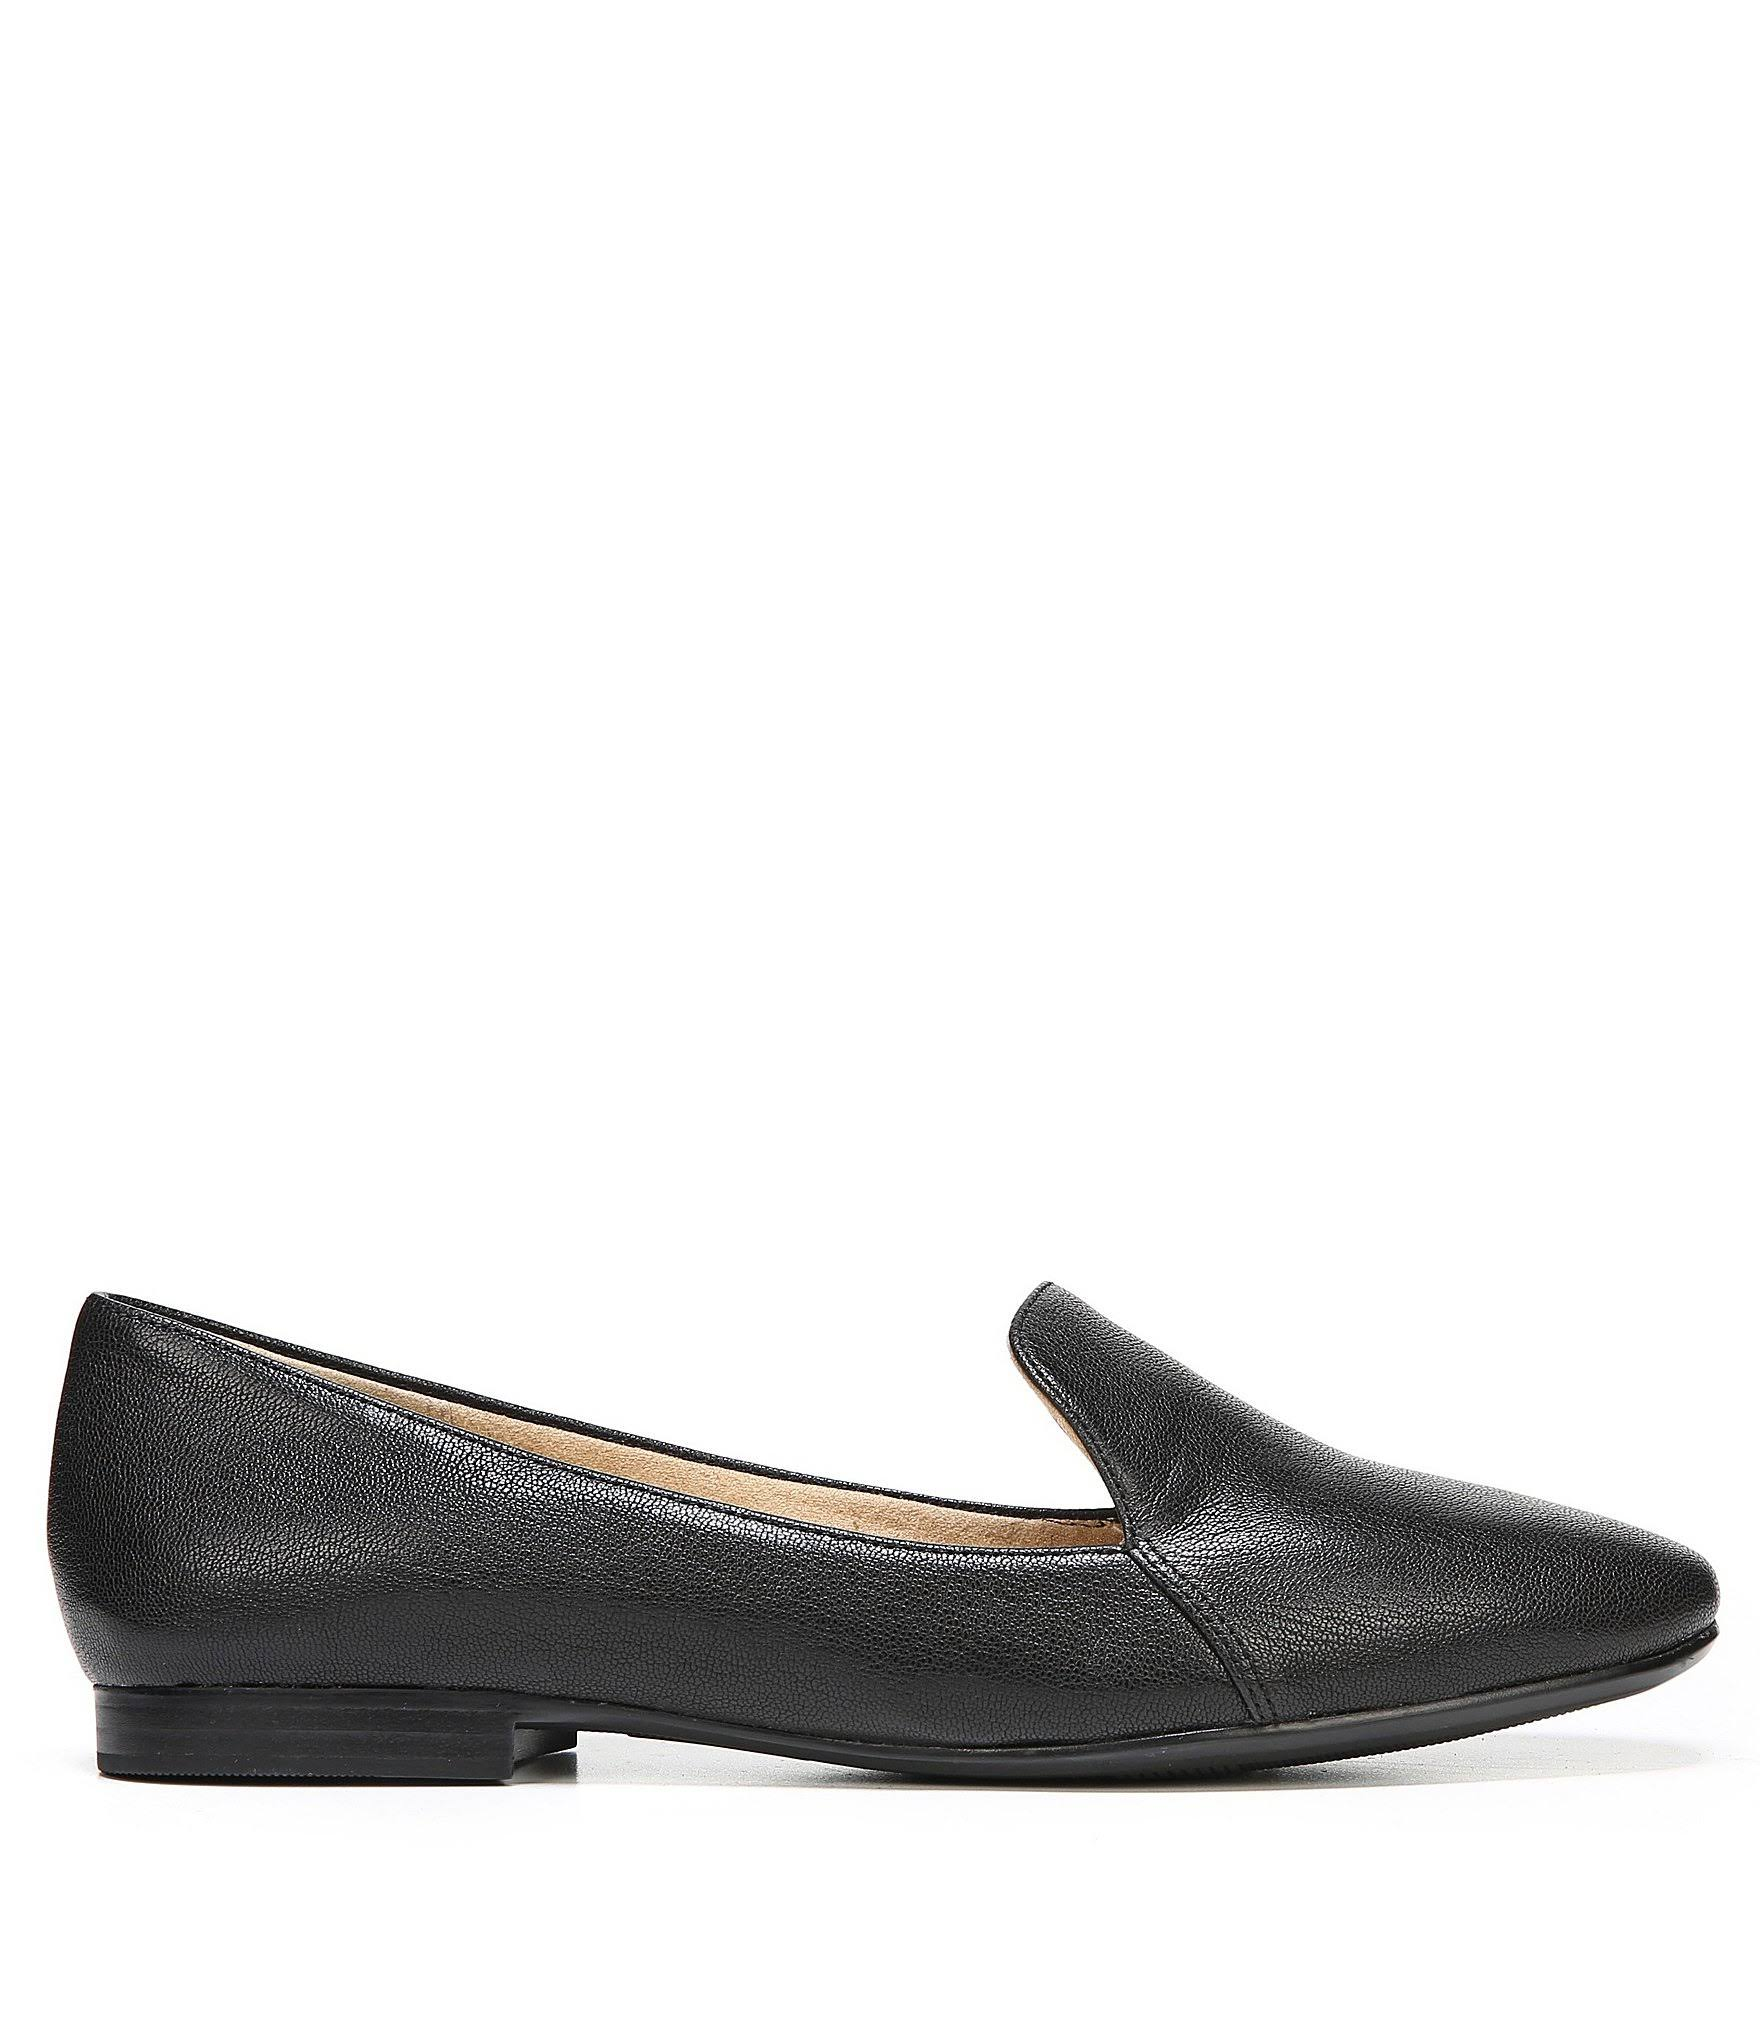 Naturalizer On Slip Black 5 Tumble Leather EmilineWomens 6 N EQCrxBoedW